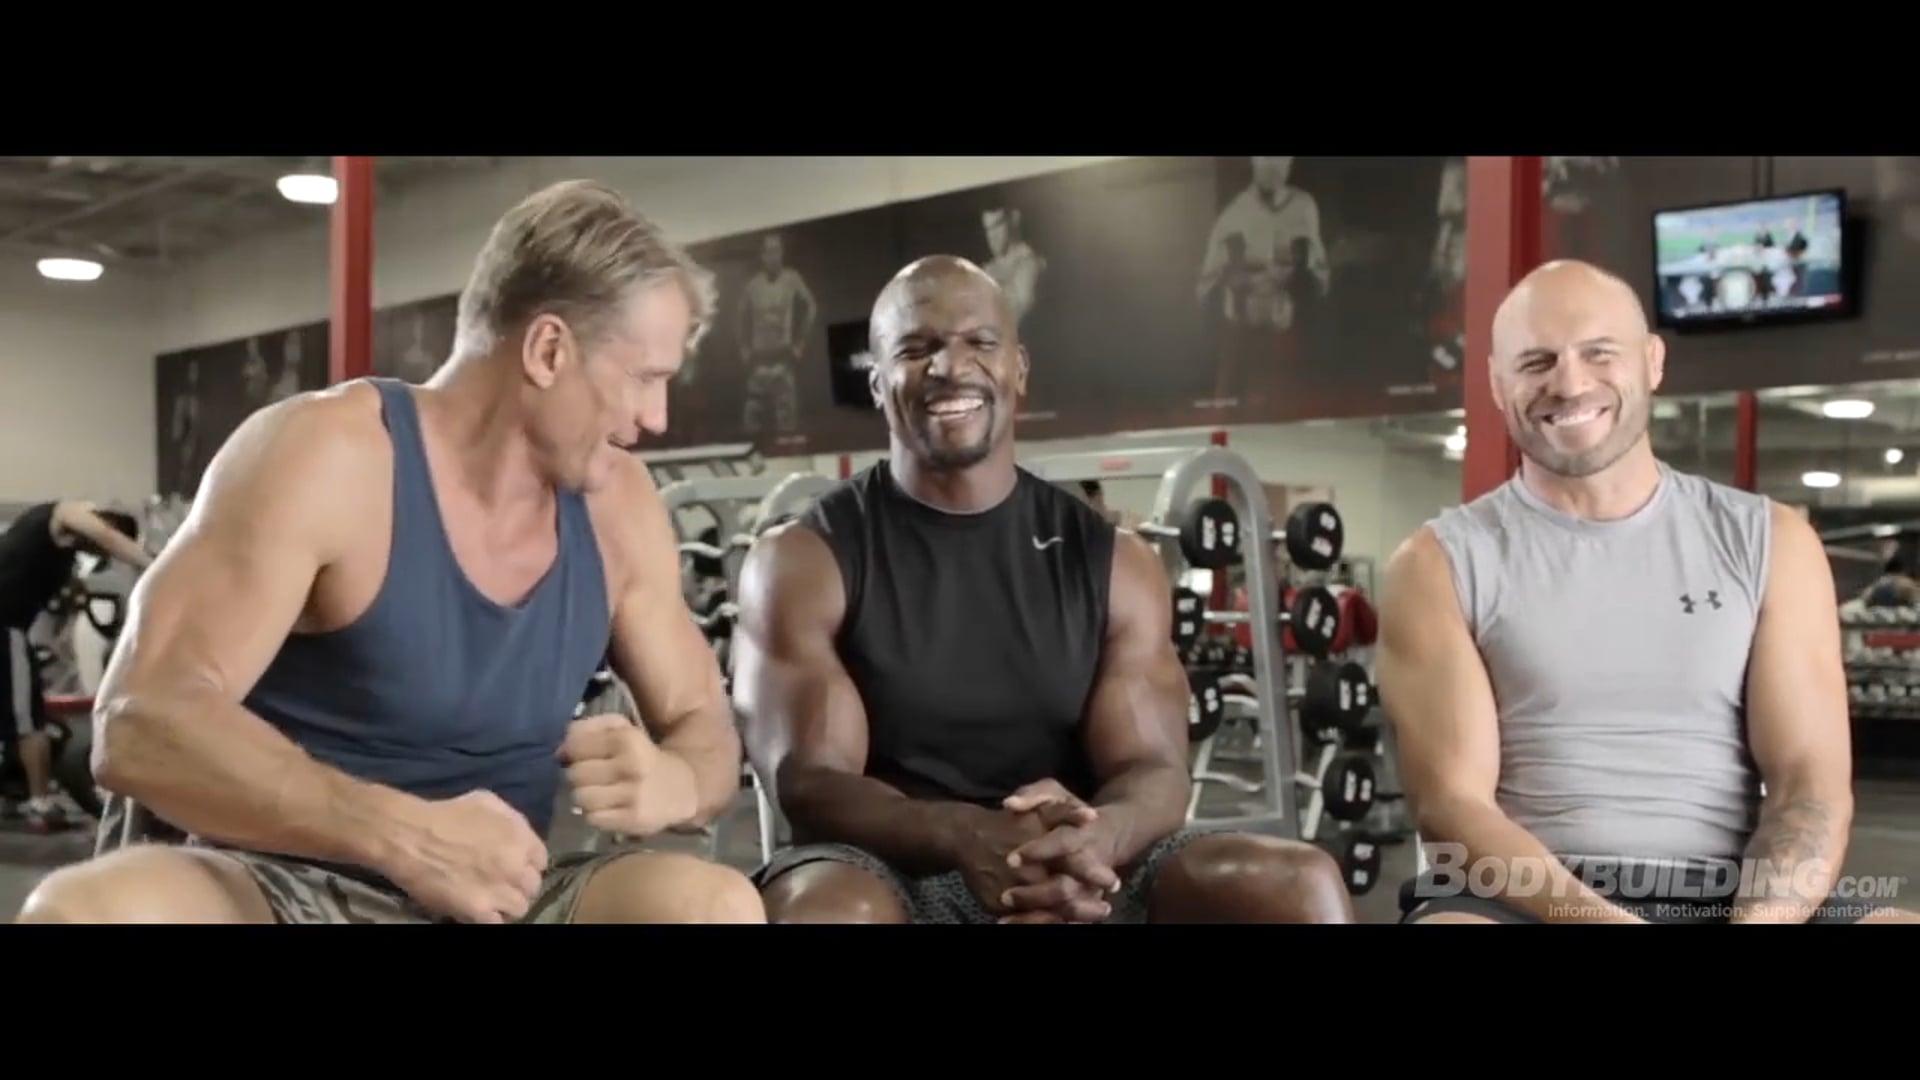 Expendables 2 Bodybuilding.com